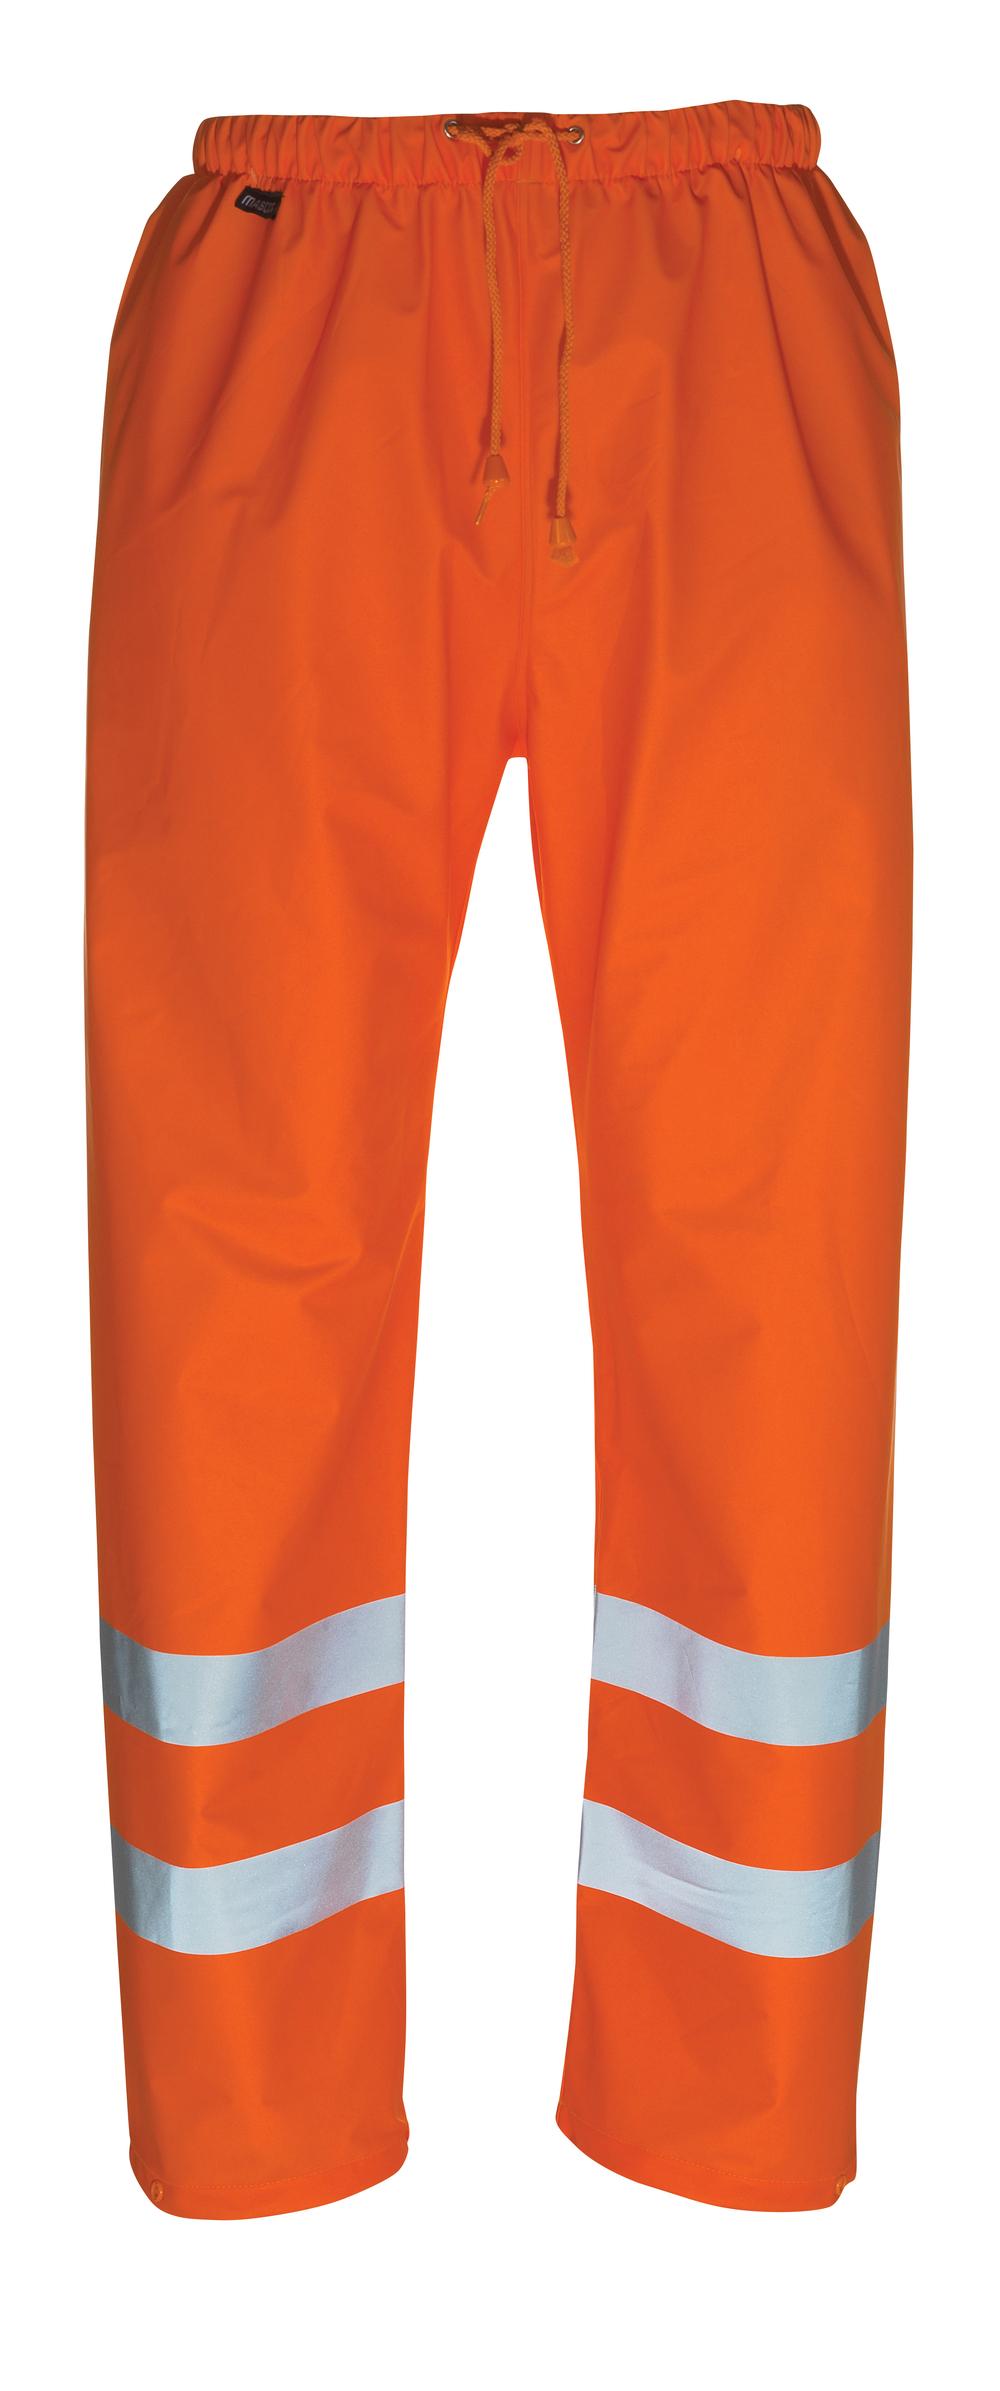 50102-814-14 Pantalones impermeables - naranja de alta vis.